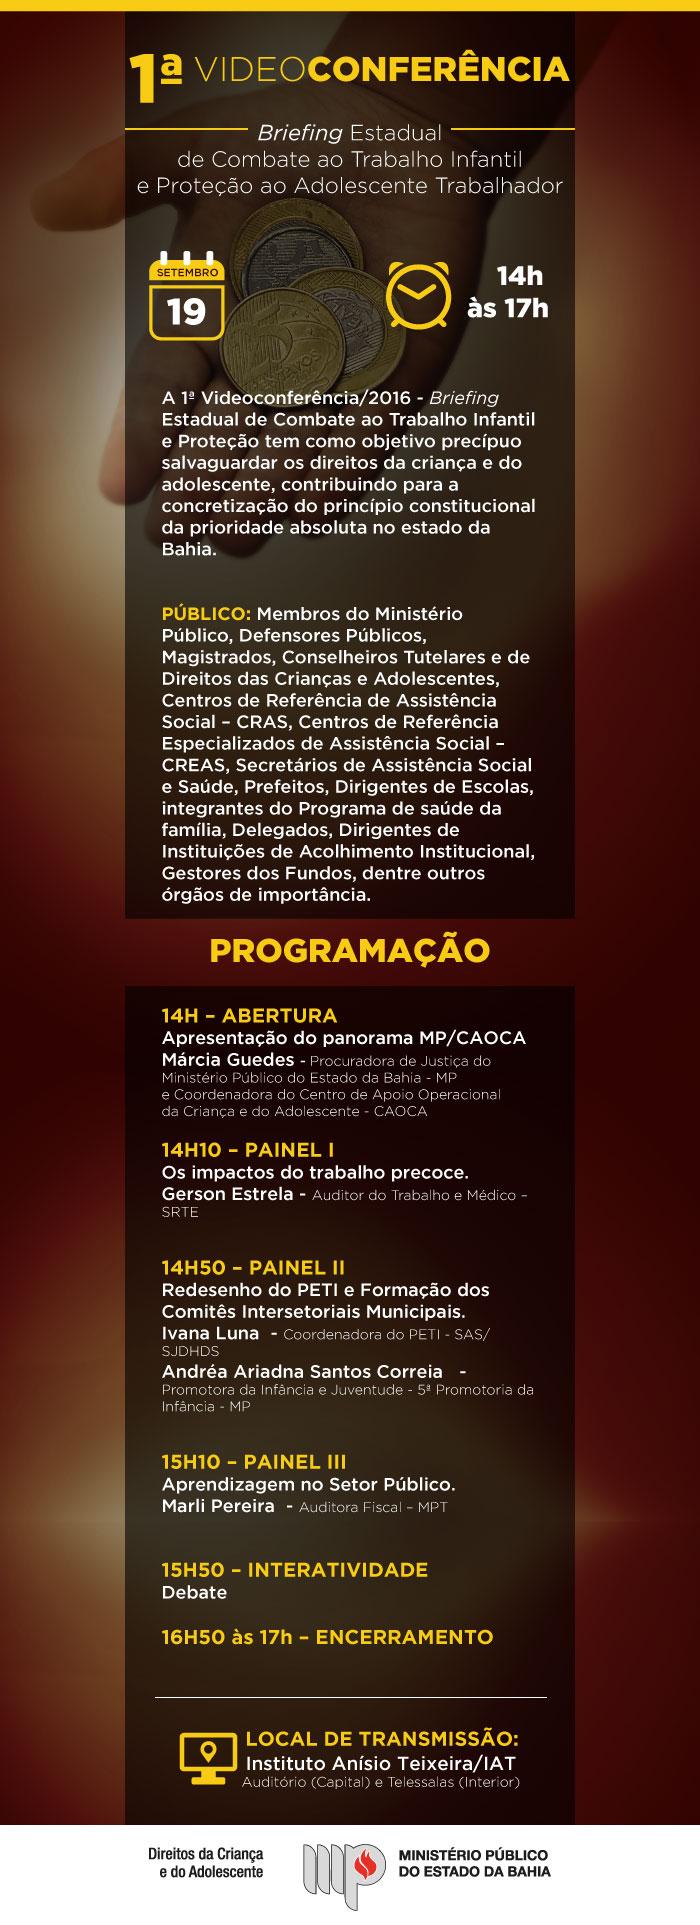 infomail_programação_1-videoconferencia_briefing-trab-infantil_caoca